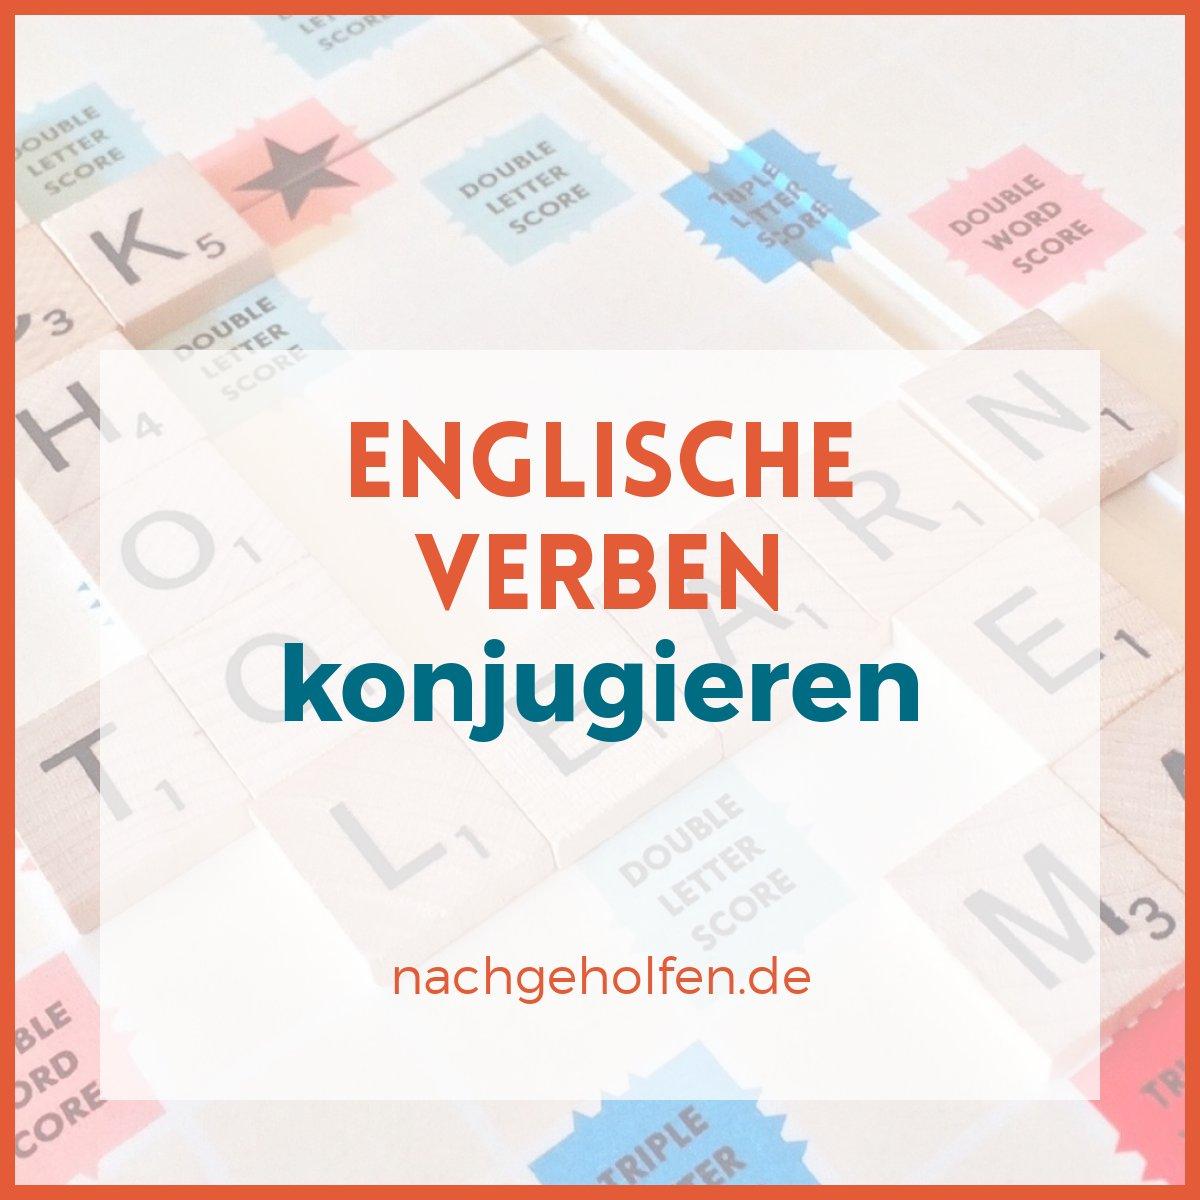 Alle Unregelmäßige Verben Englisch